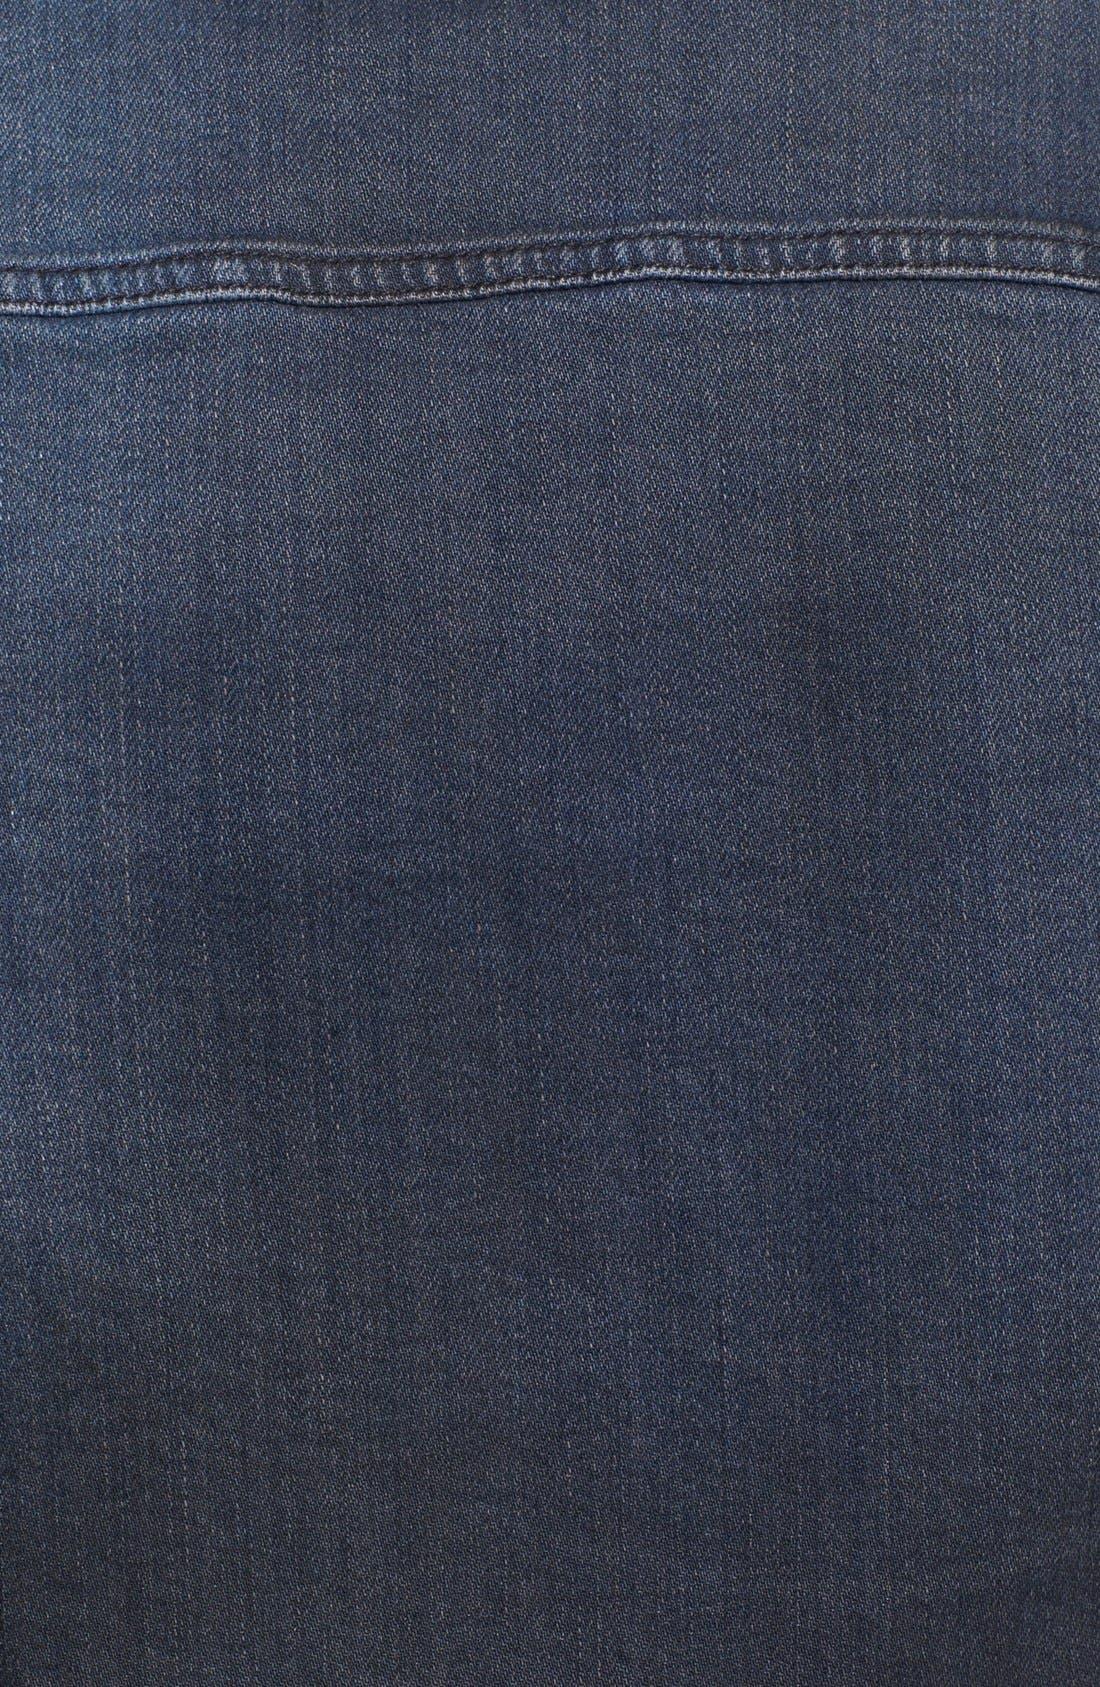 Alternate Image 3  - Nudie Jeans 'Perry' Organic Denim Jacket